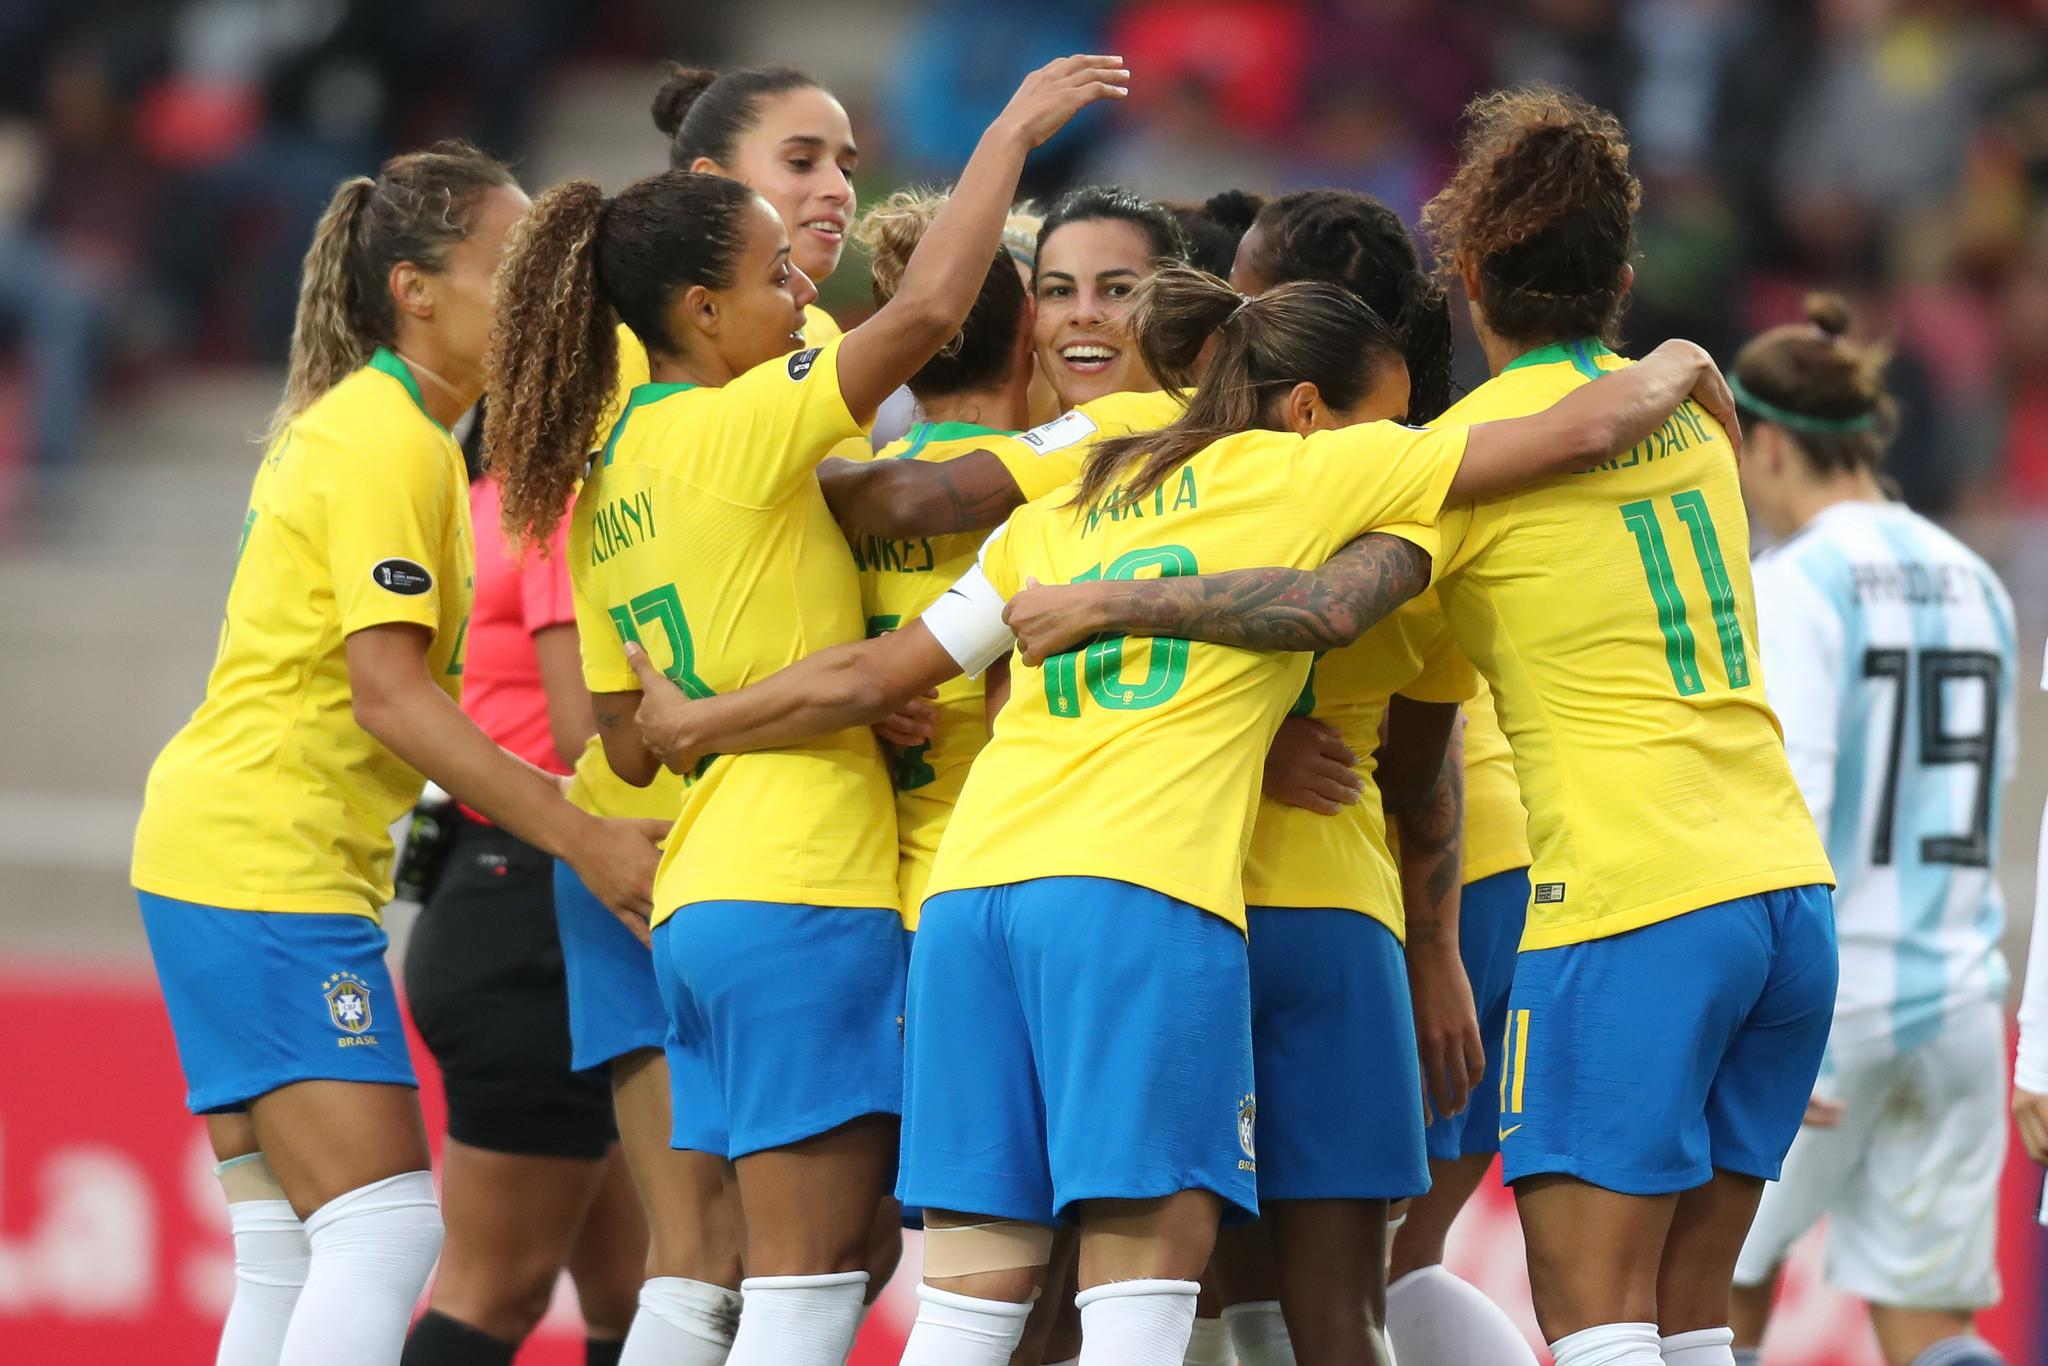 Globo comete erro grotesco com Copa do Mundo Feminina é acusada de machismo e volta atrás com investimento milionário Foto: Reprodução